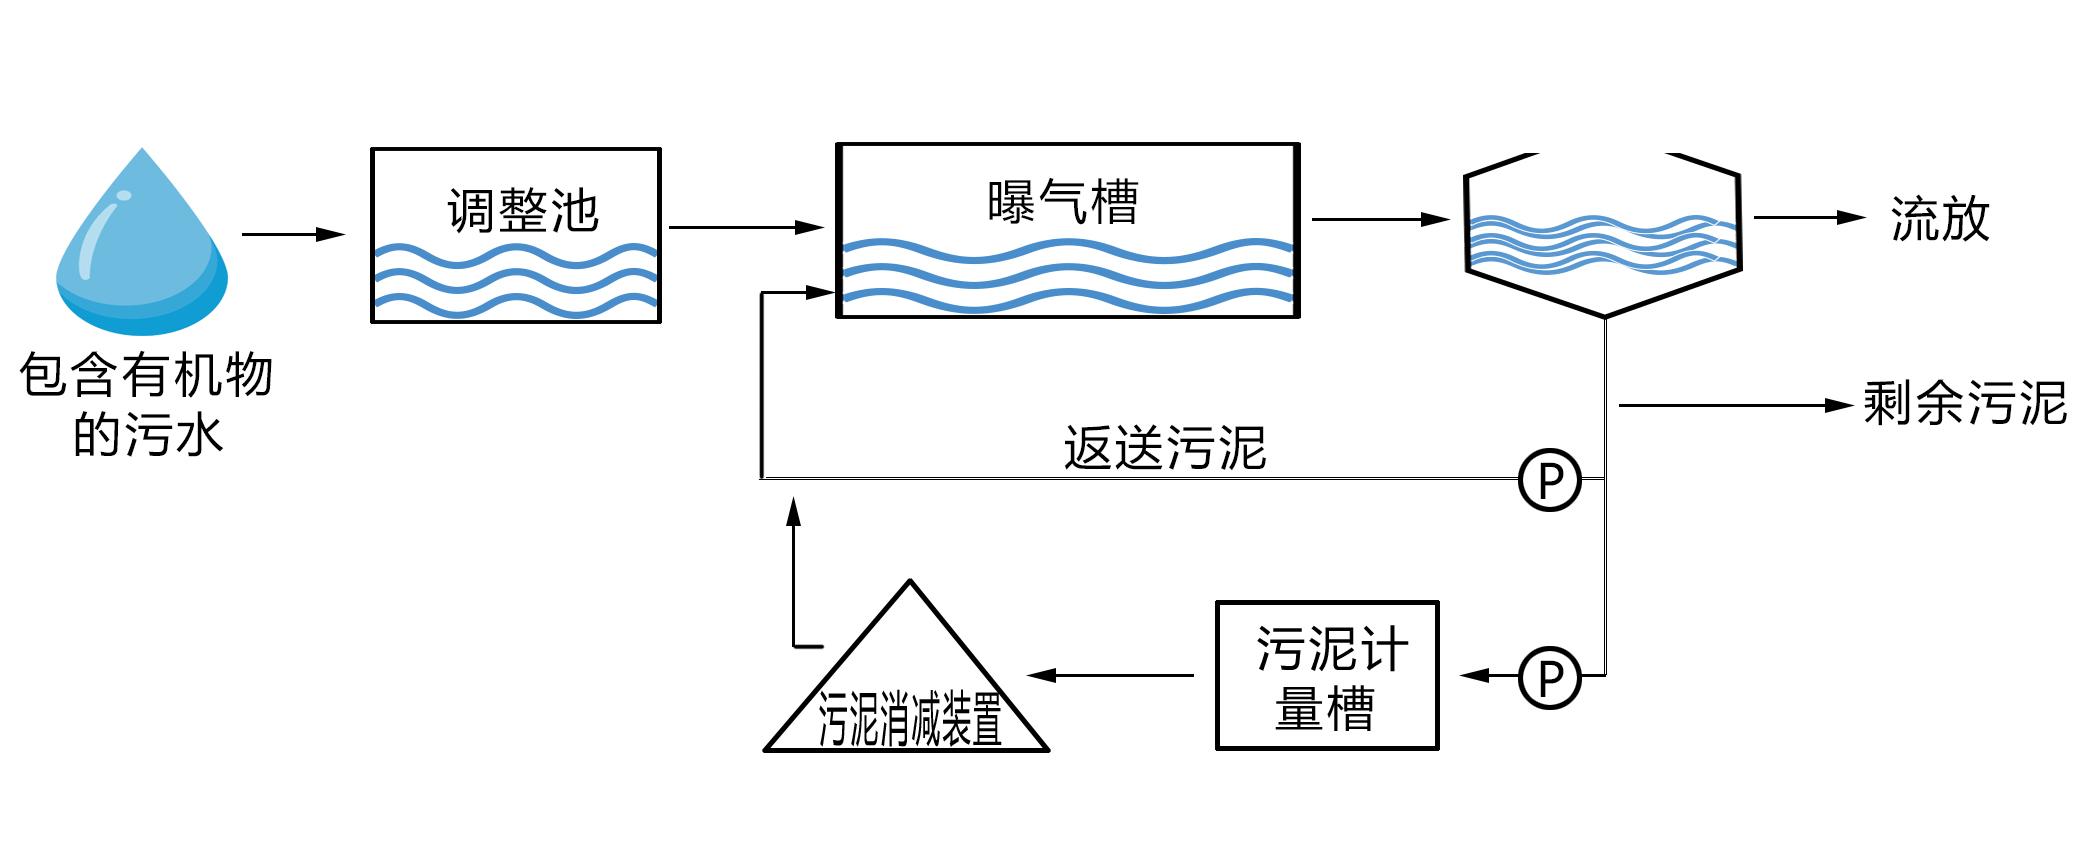 污泥消减技术